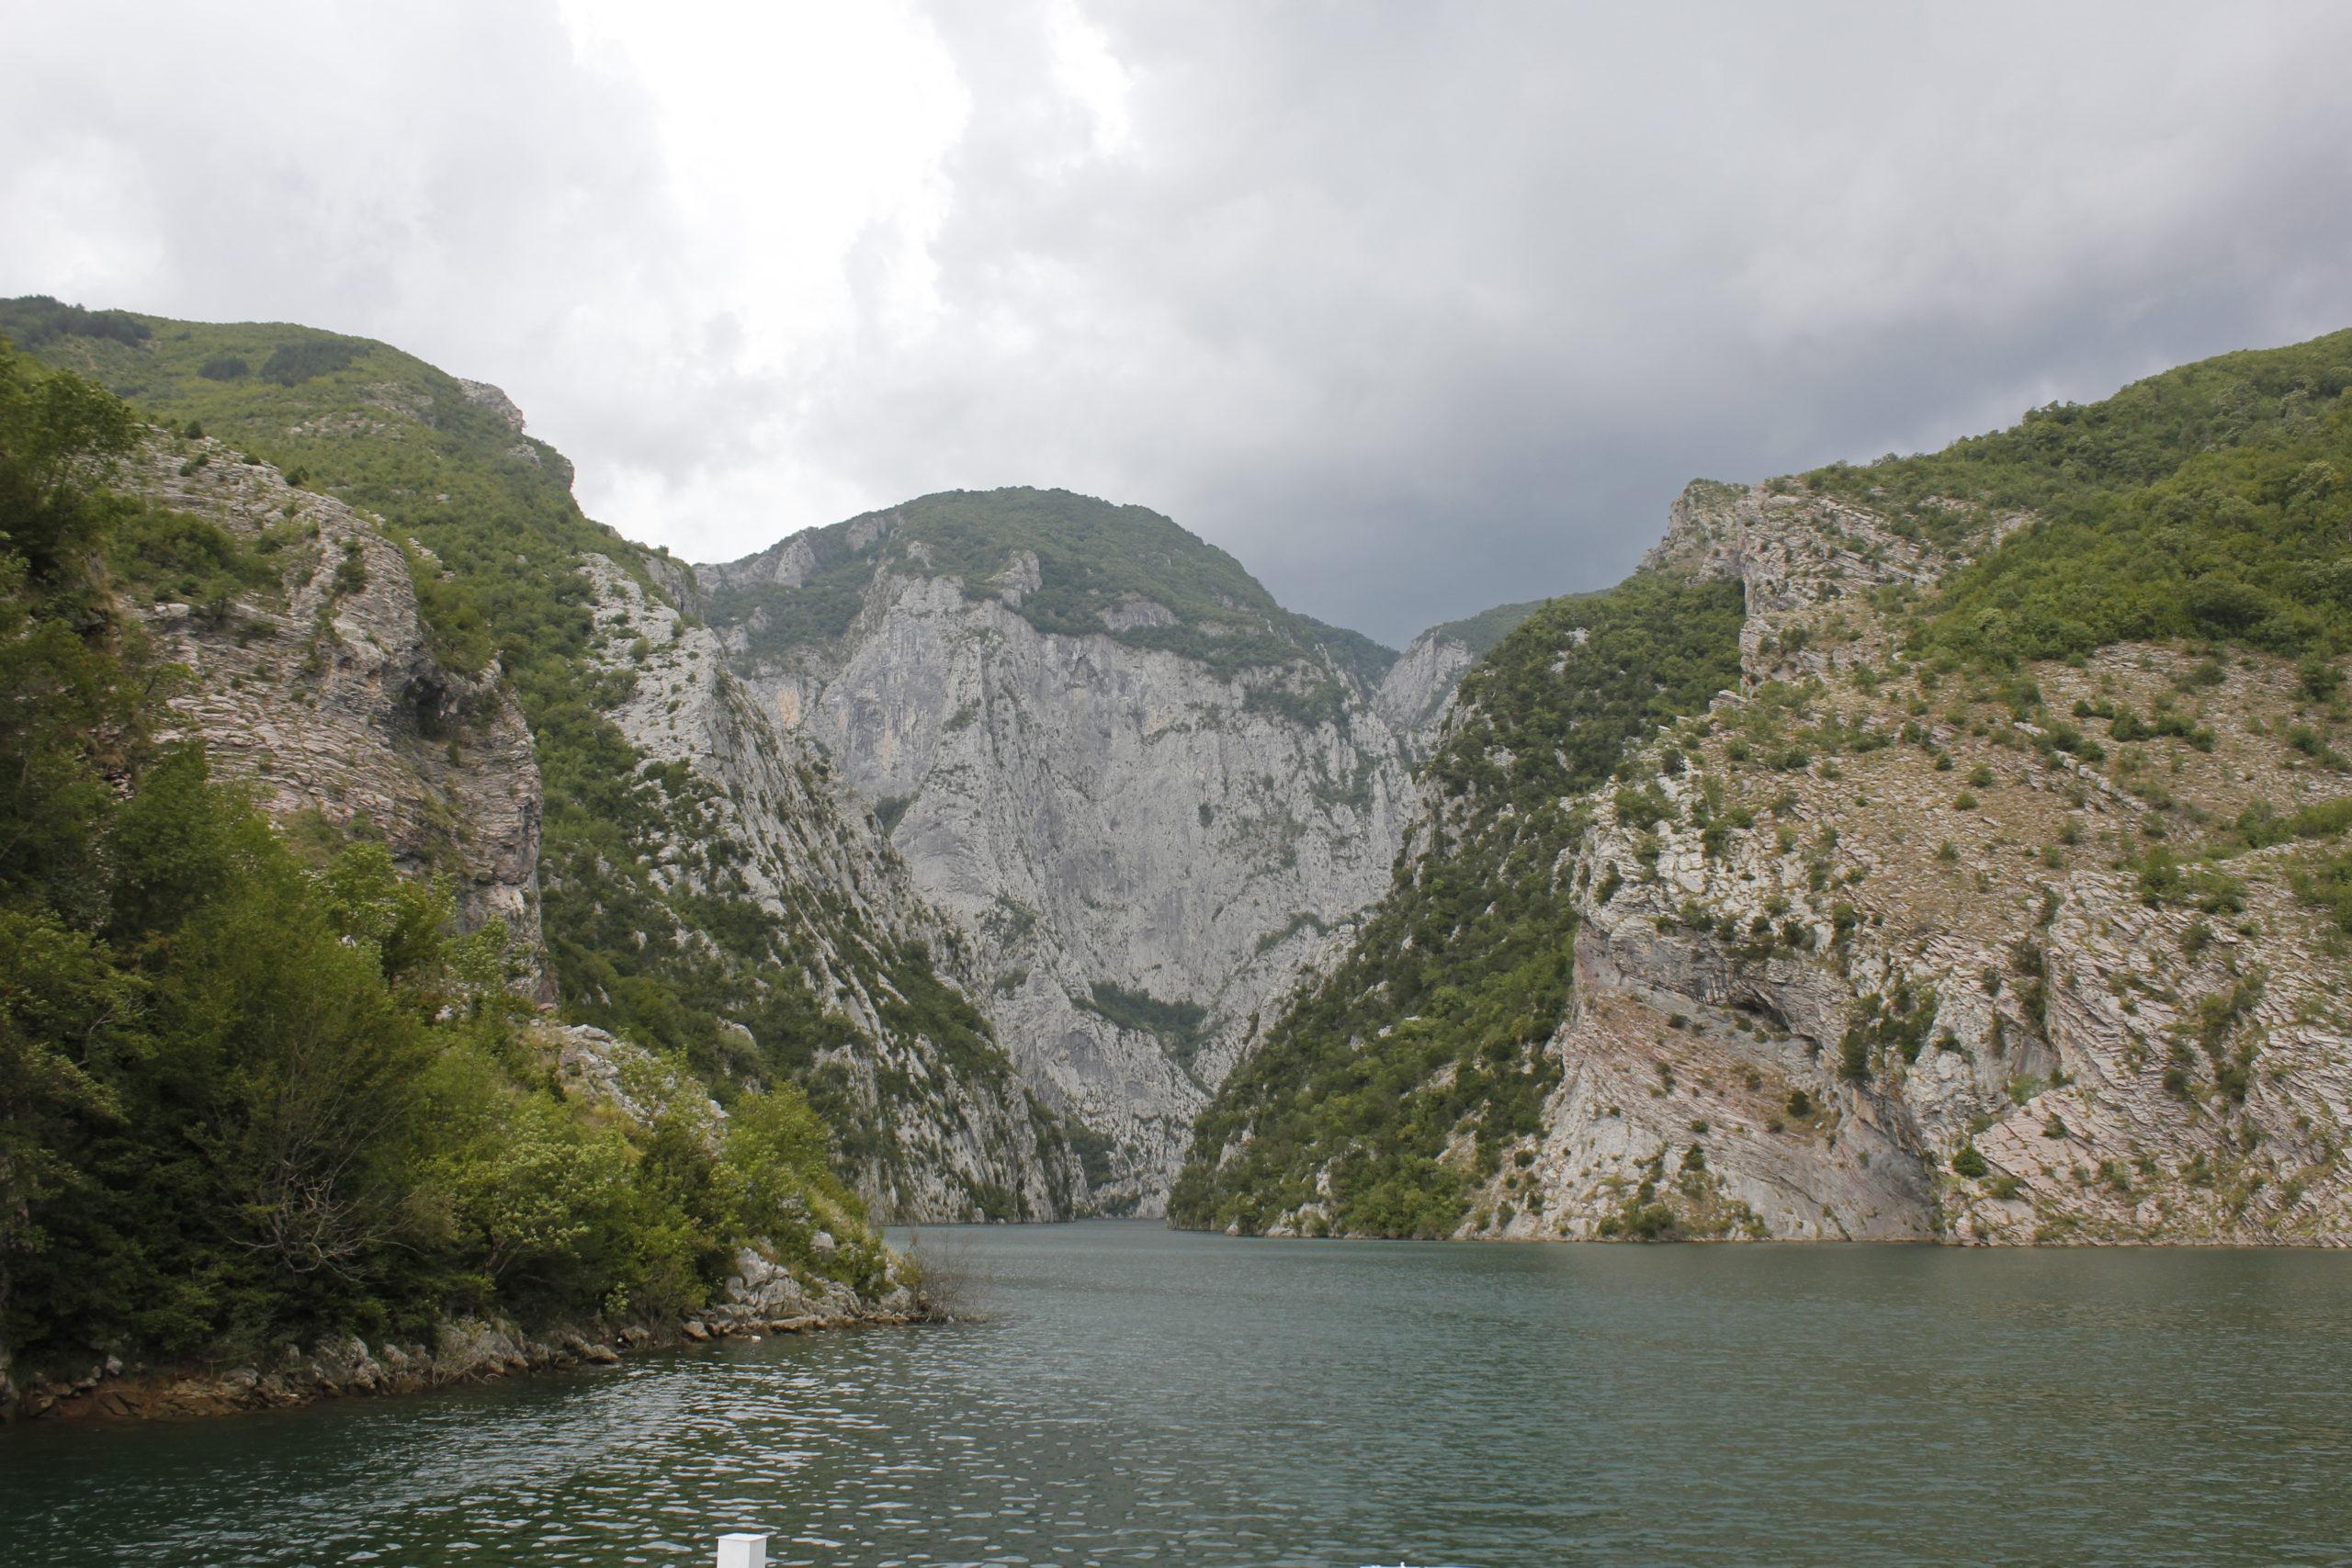 4x4 Abenteuerreise: Albanien so nah und doch so fremd 16